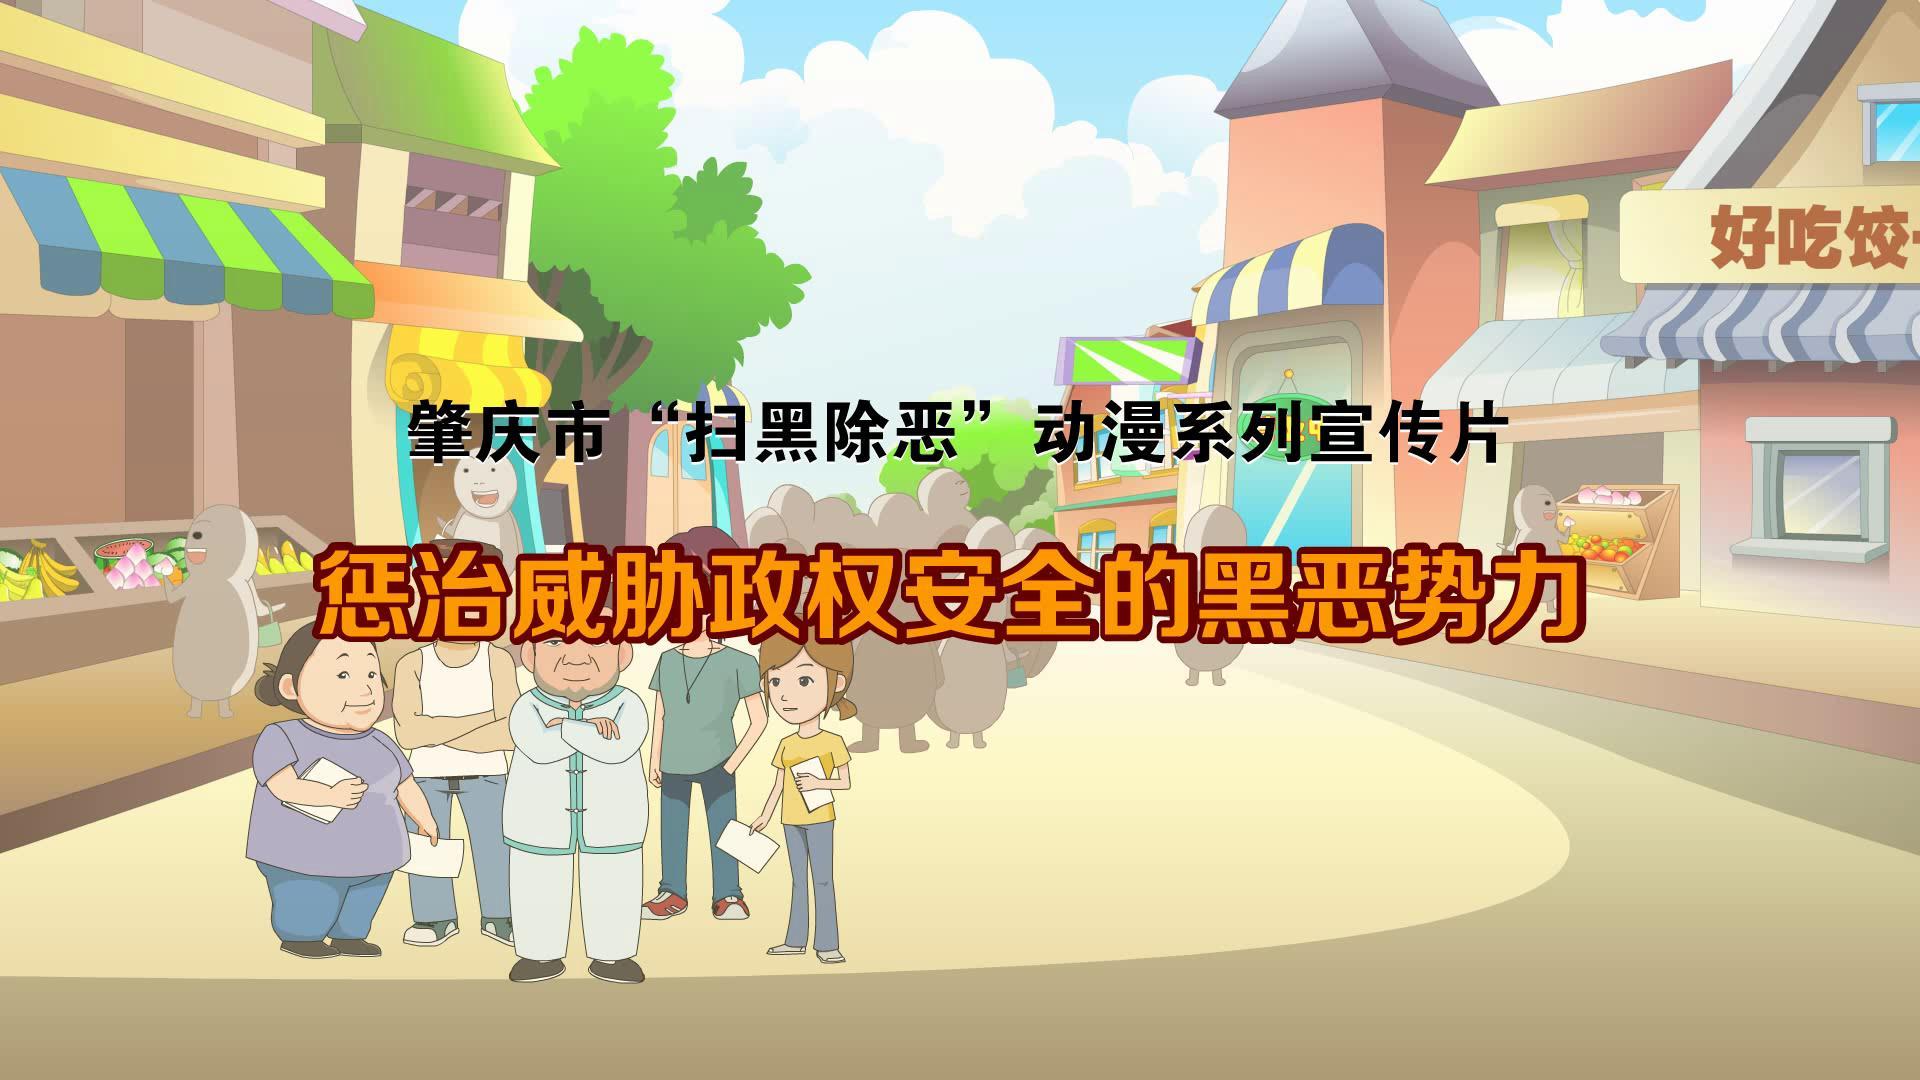 肇庆市扫黑除恶动漫系列宣传片——10.惩治威胁政权安全的黑恶势力